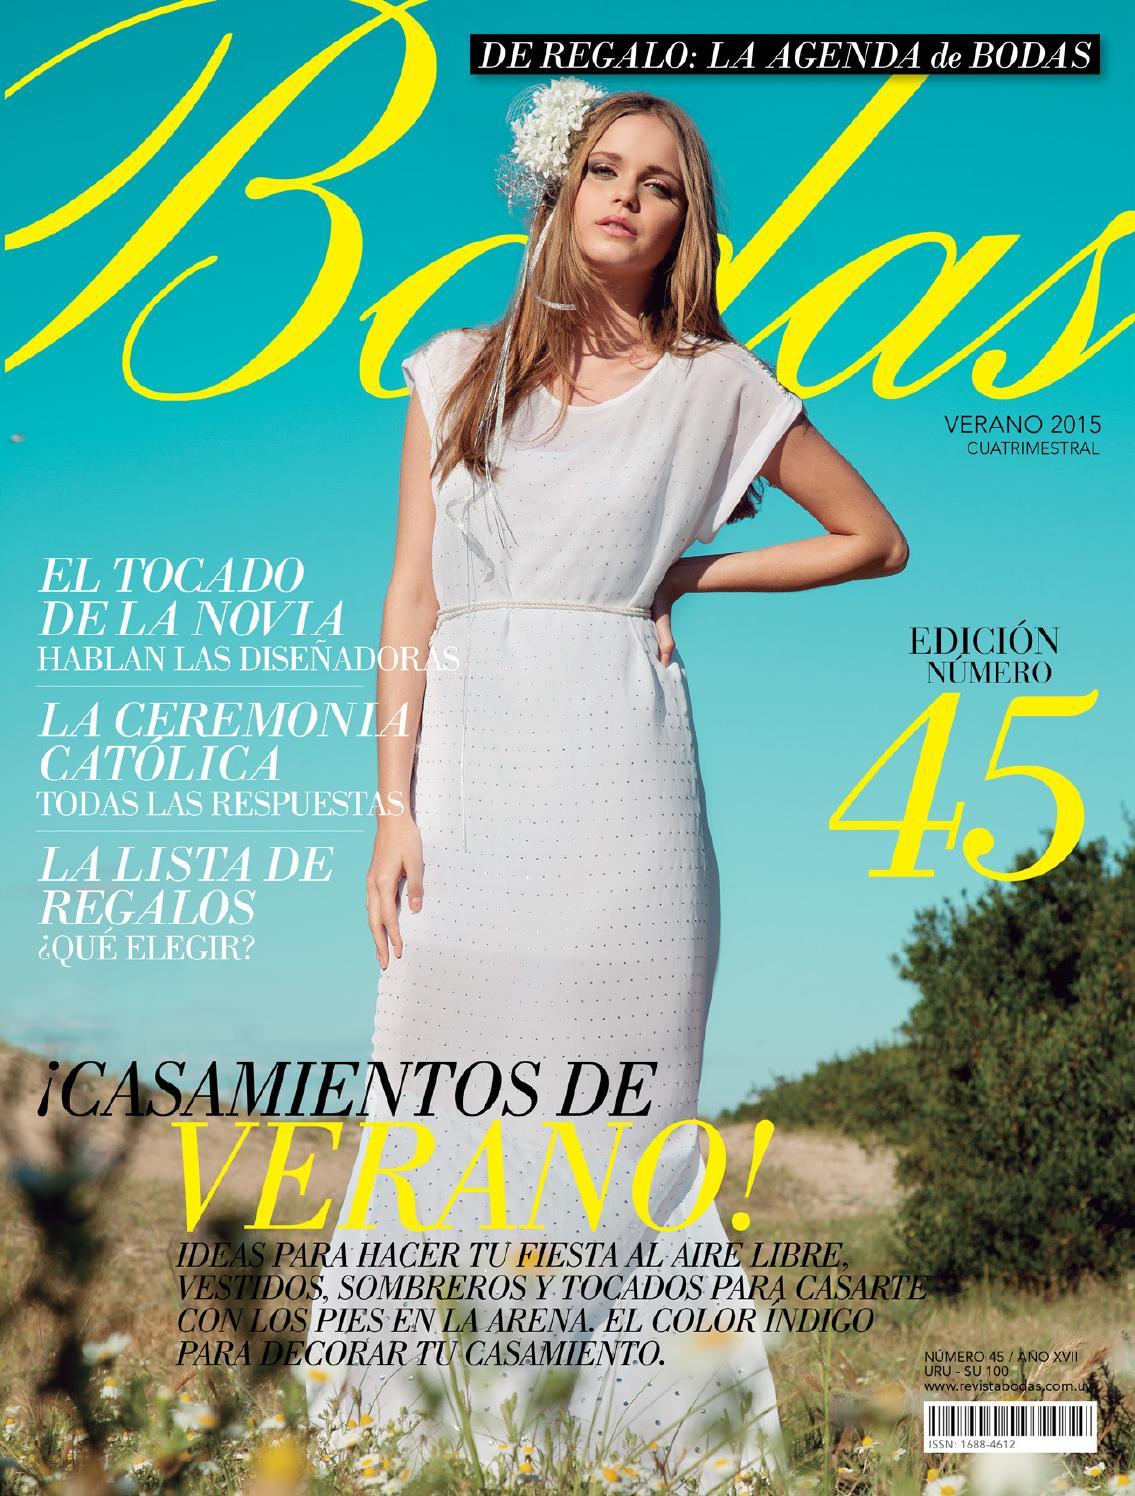 Bodas | Verano 2015 by bodas - issuu